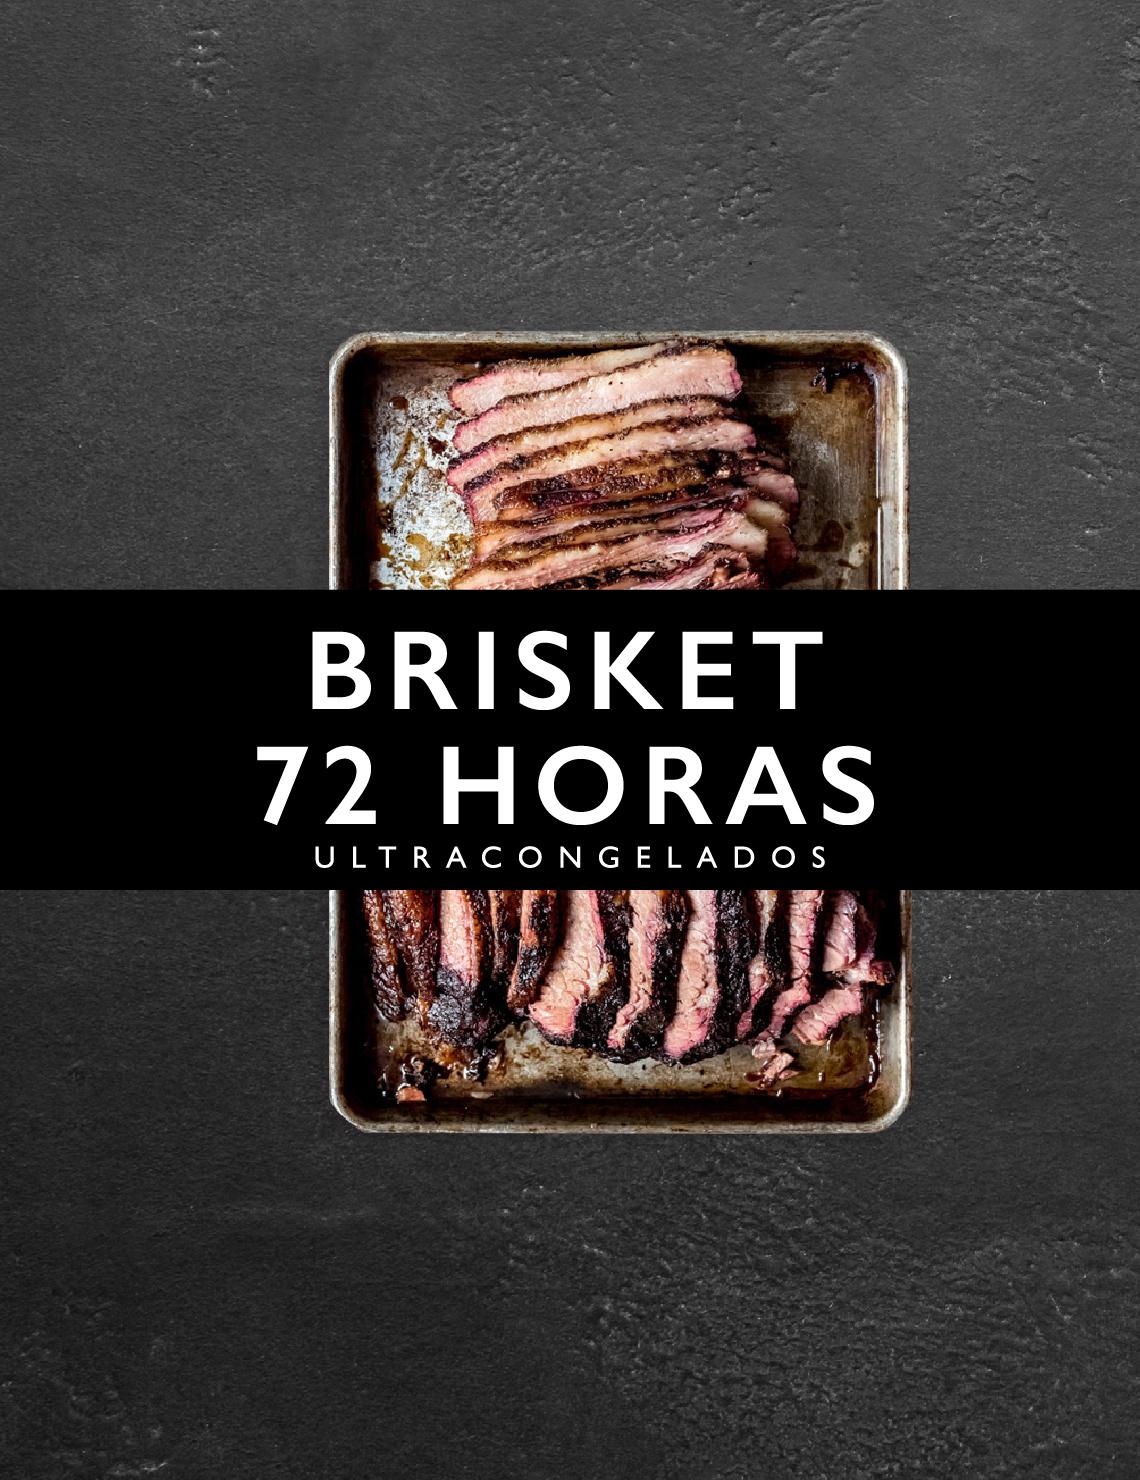 Brisket 72 horas